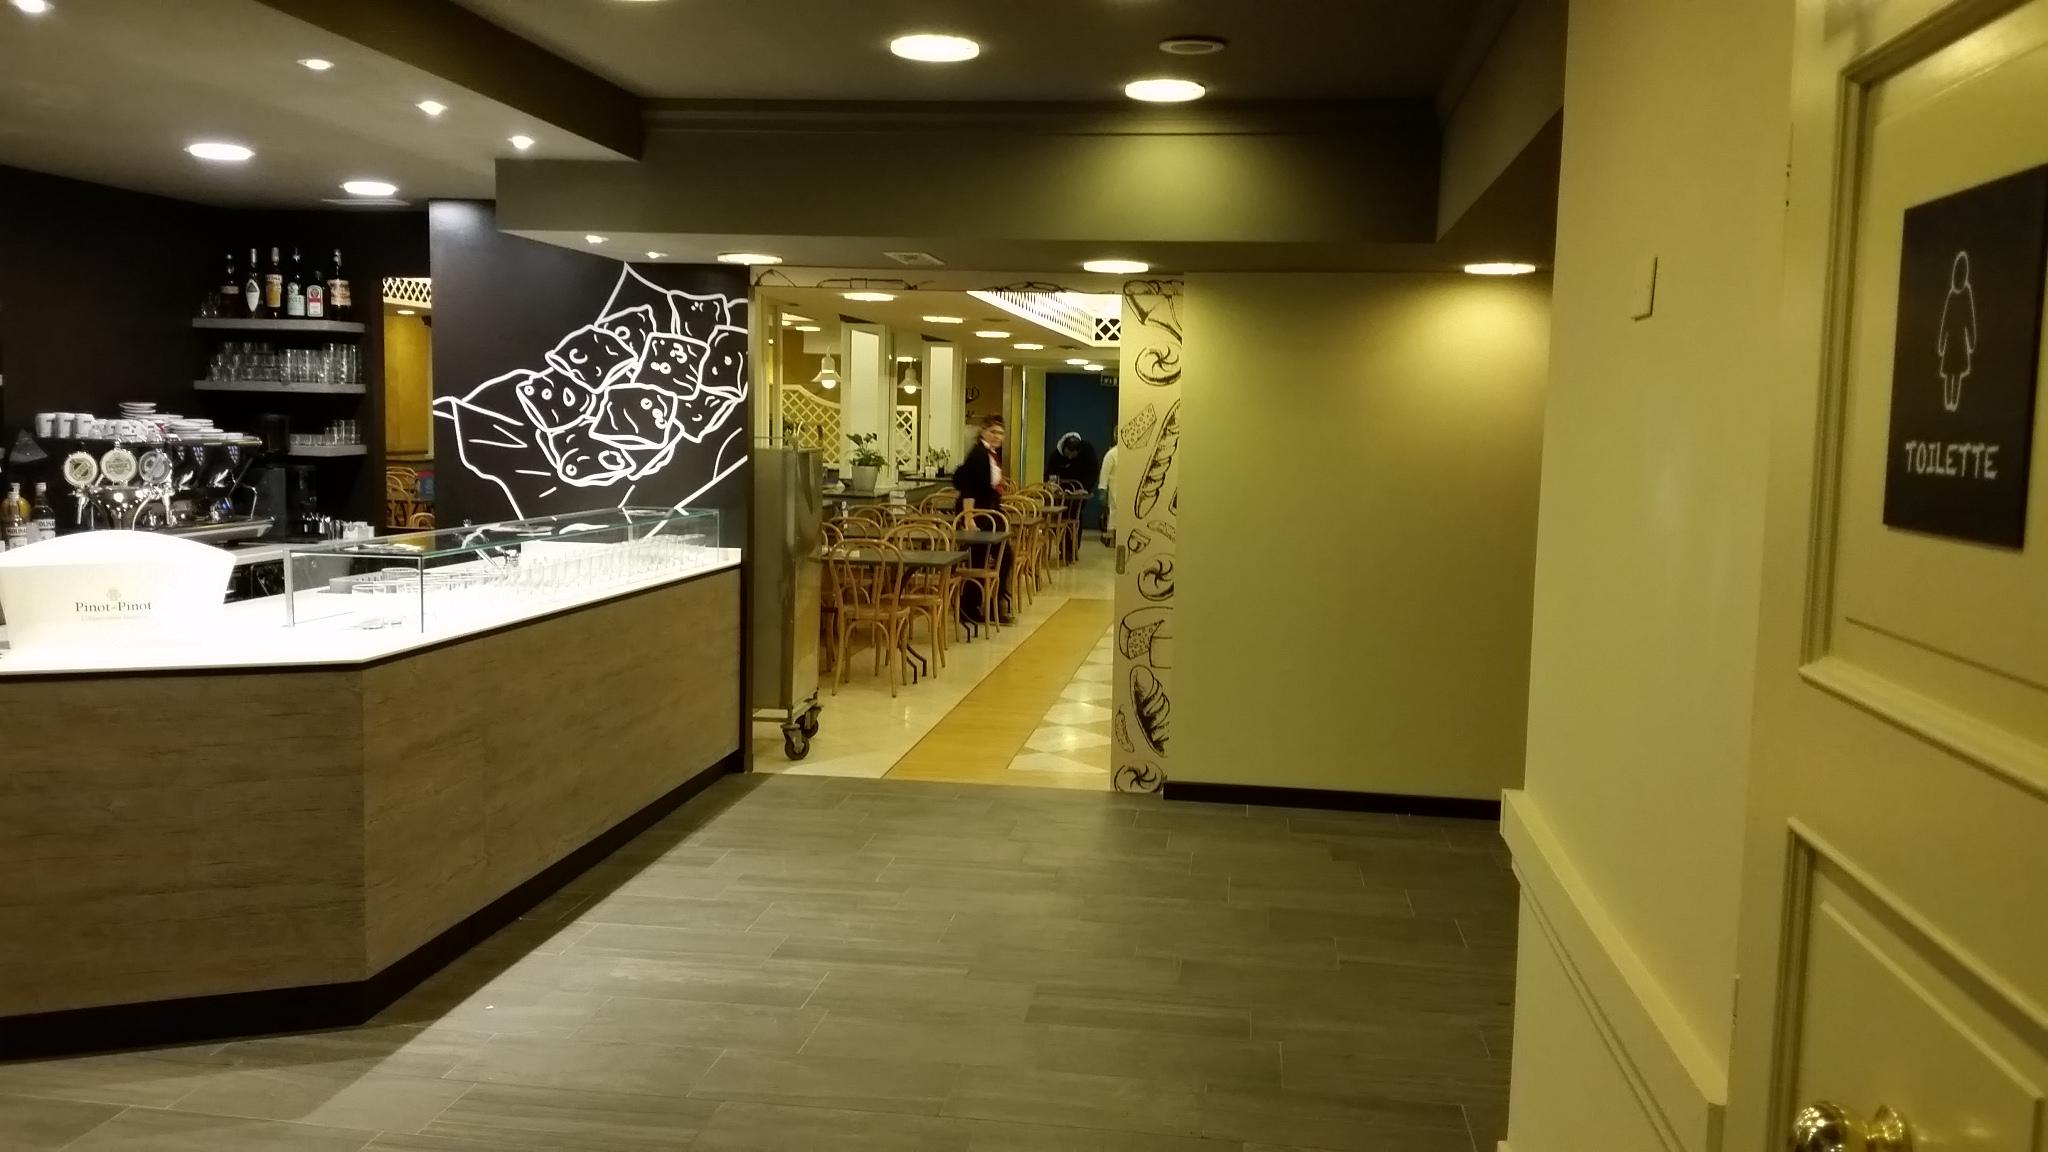 Arredamento su misura self service camst bologna for Arredamento bar e ristoranti